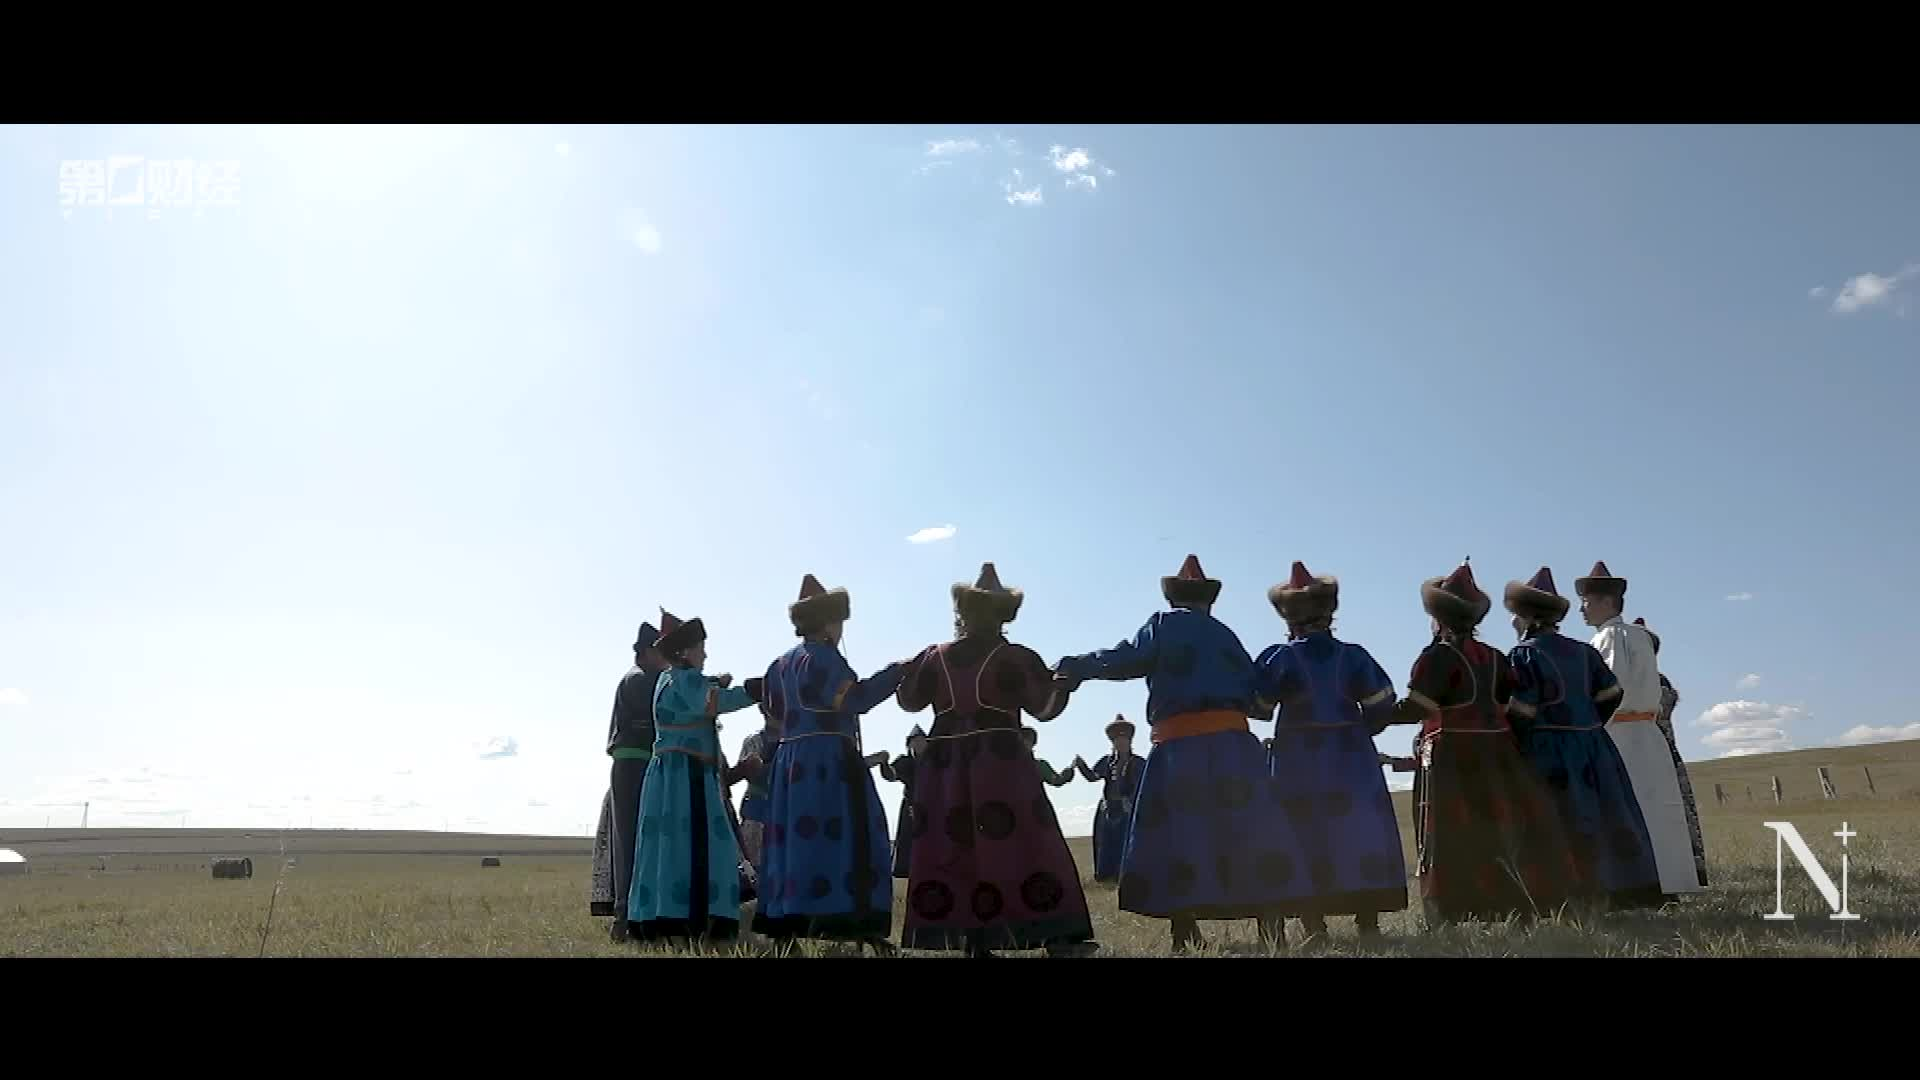 【转载】土地与歌:呼伦贝尔的草原、河流与不该被遗忘的传统歌谣